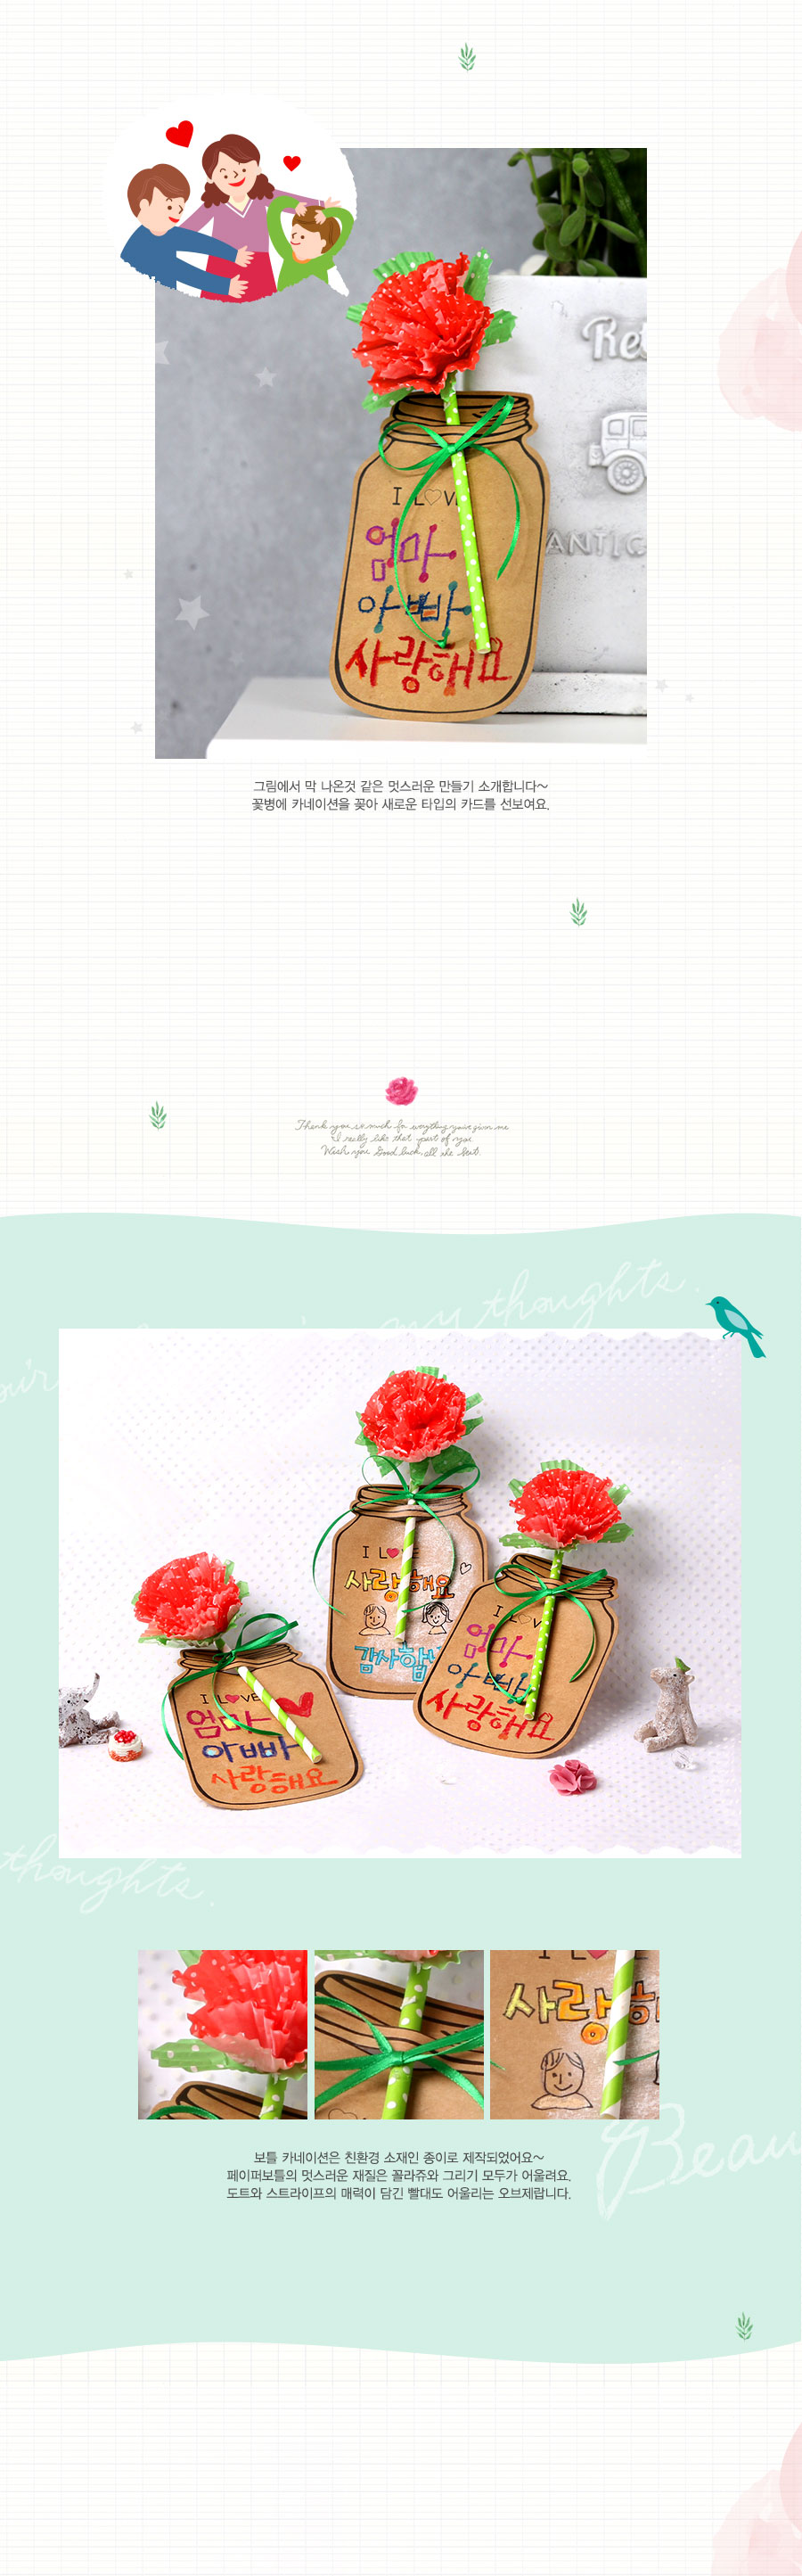 보틀 카네이션만들기(5인용) - 아트랄라, 4,500원, 종이공예/북아트, 소품 패키지